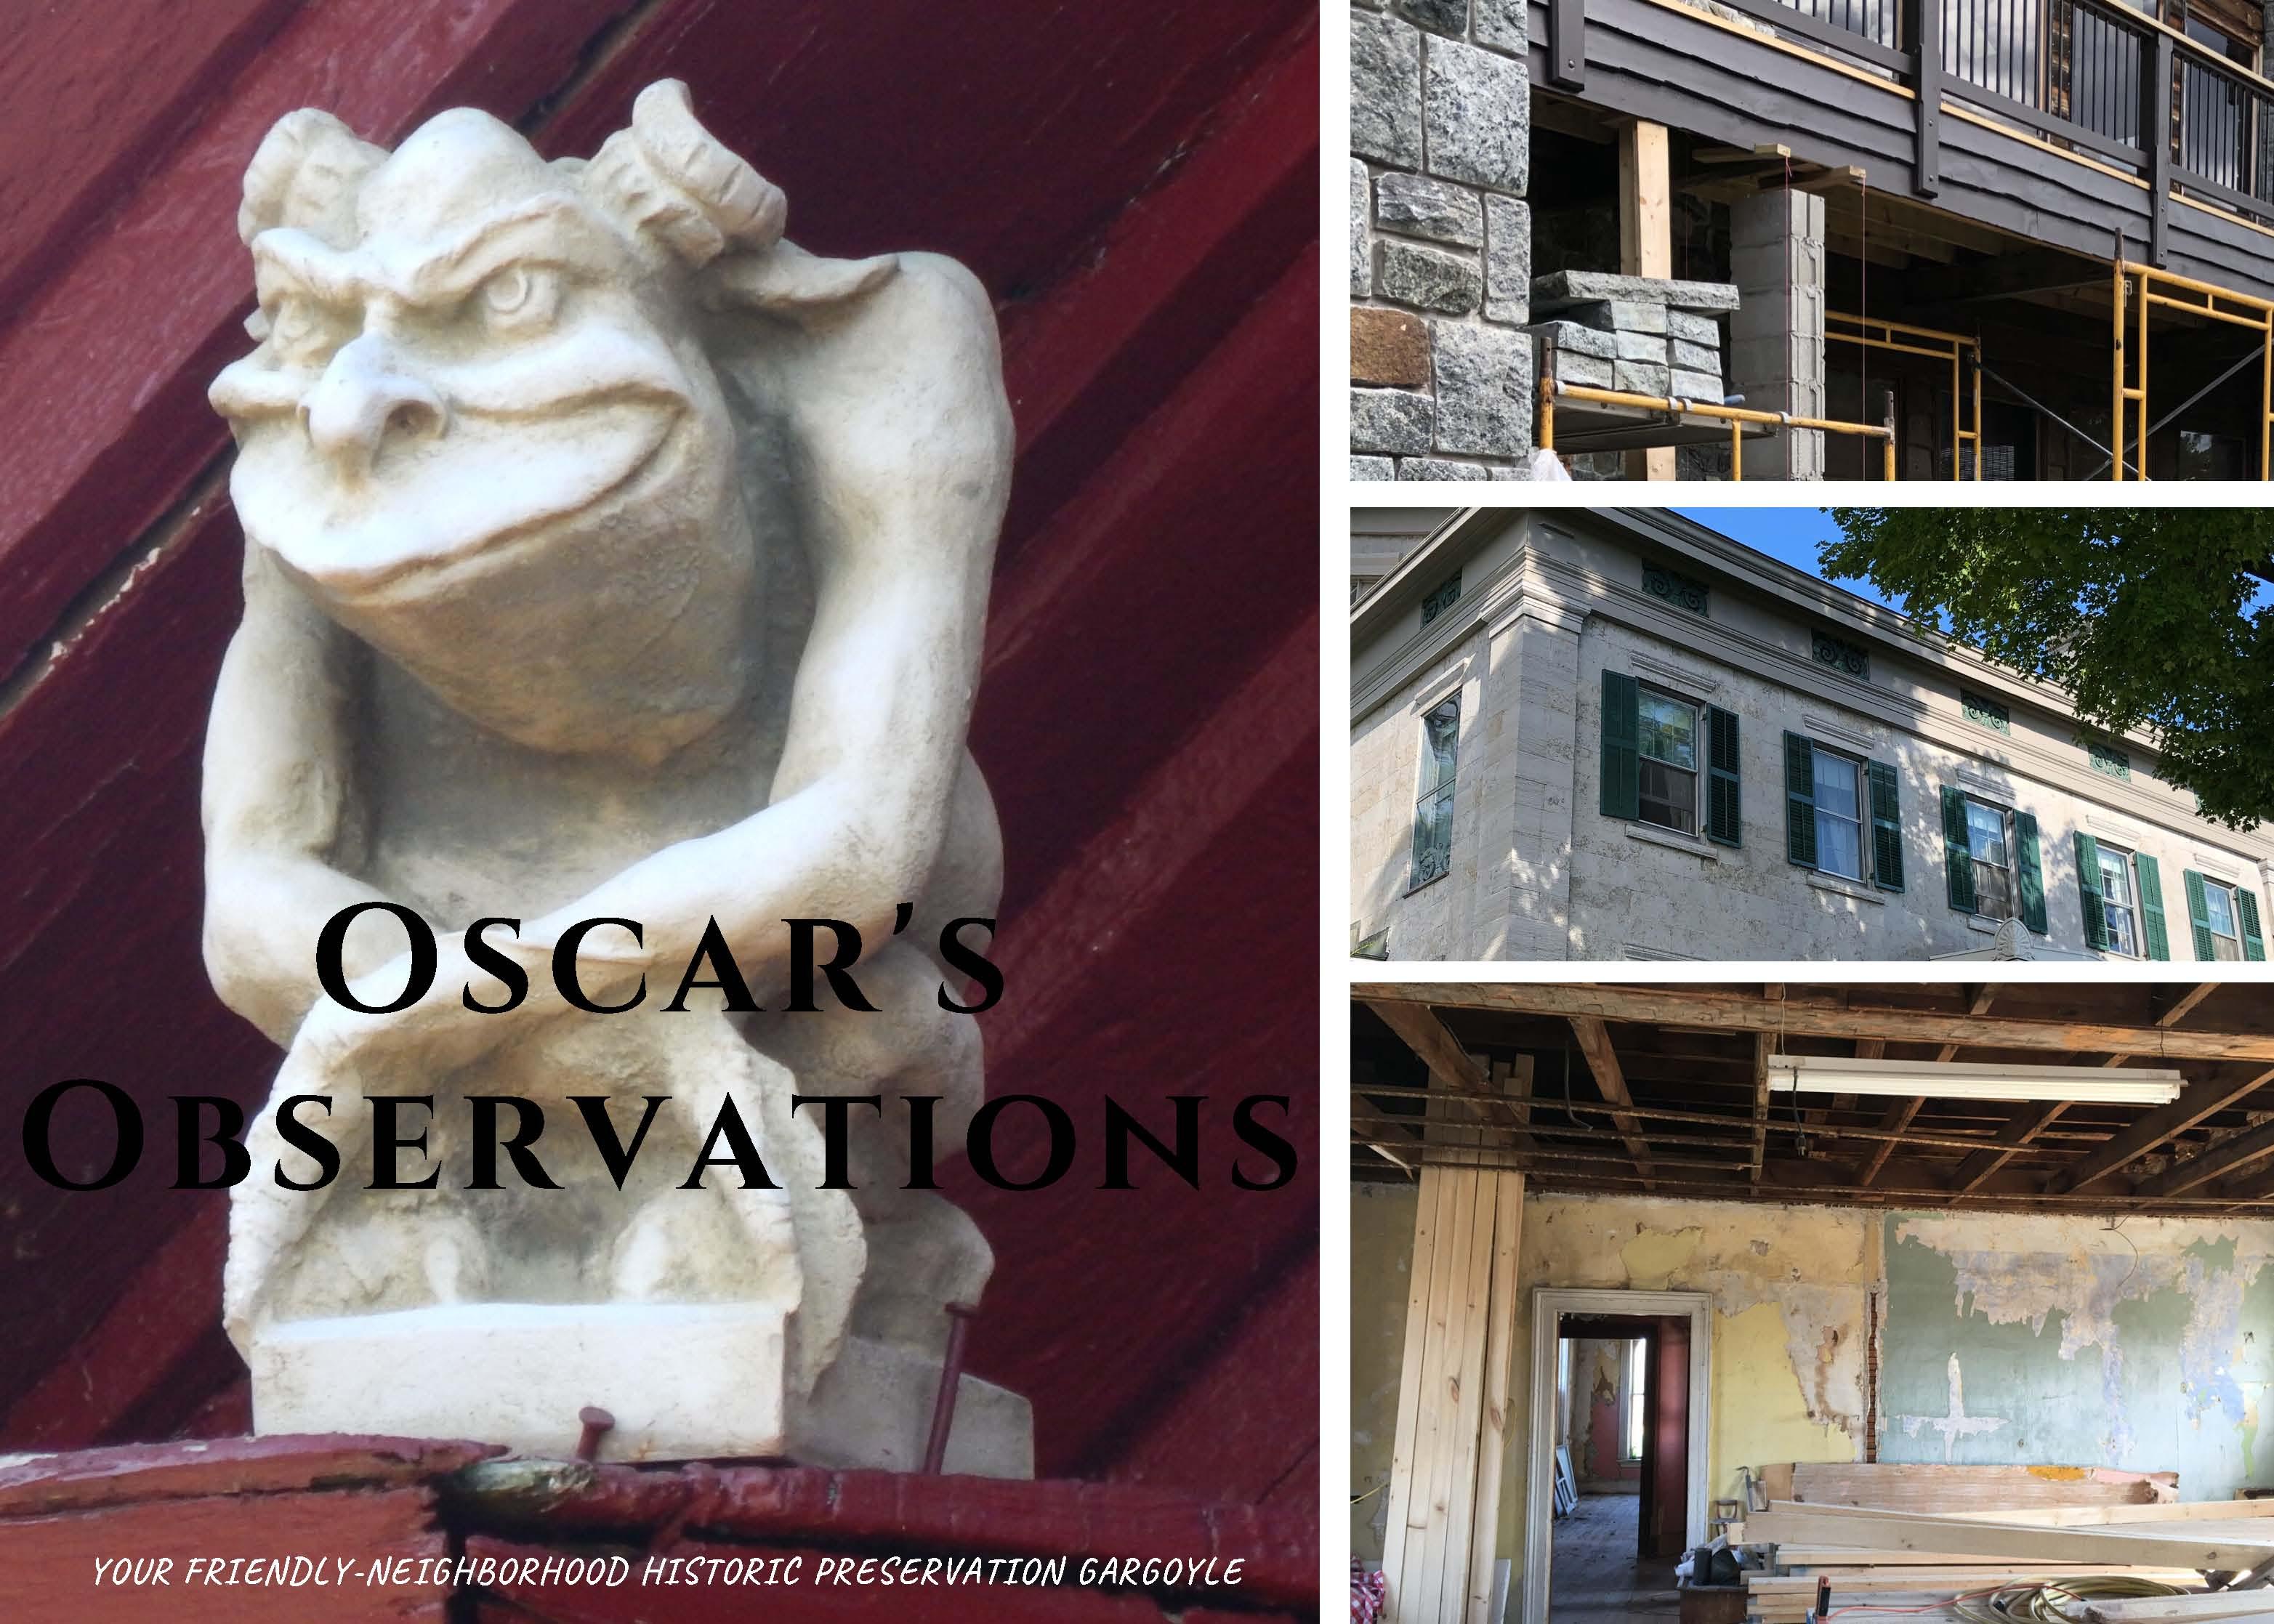 Oscar's Observations